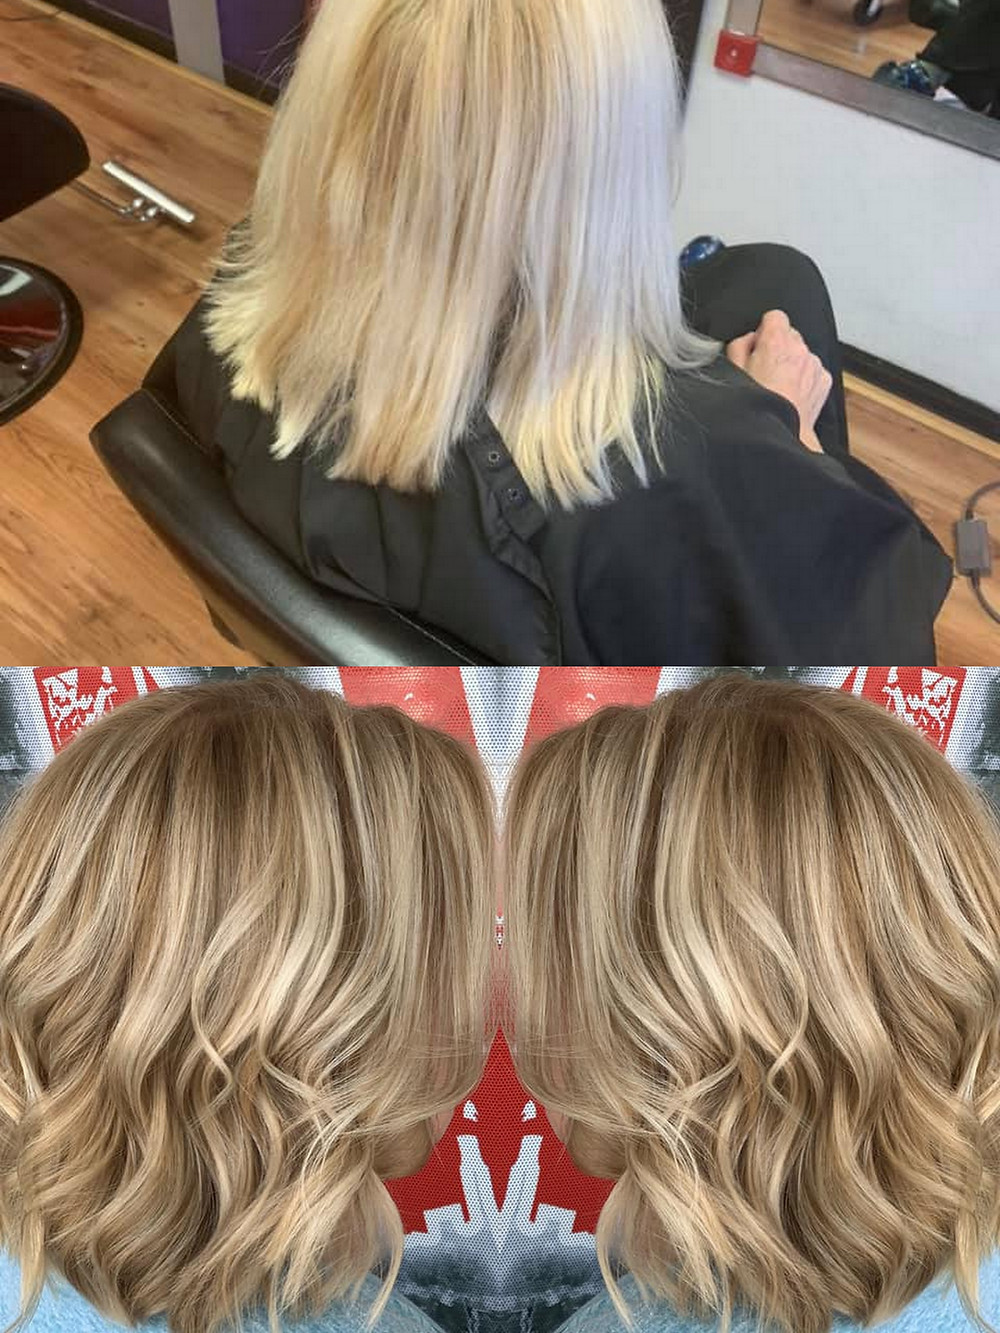 Subtle Cut & Color change